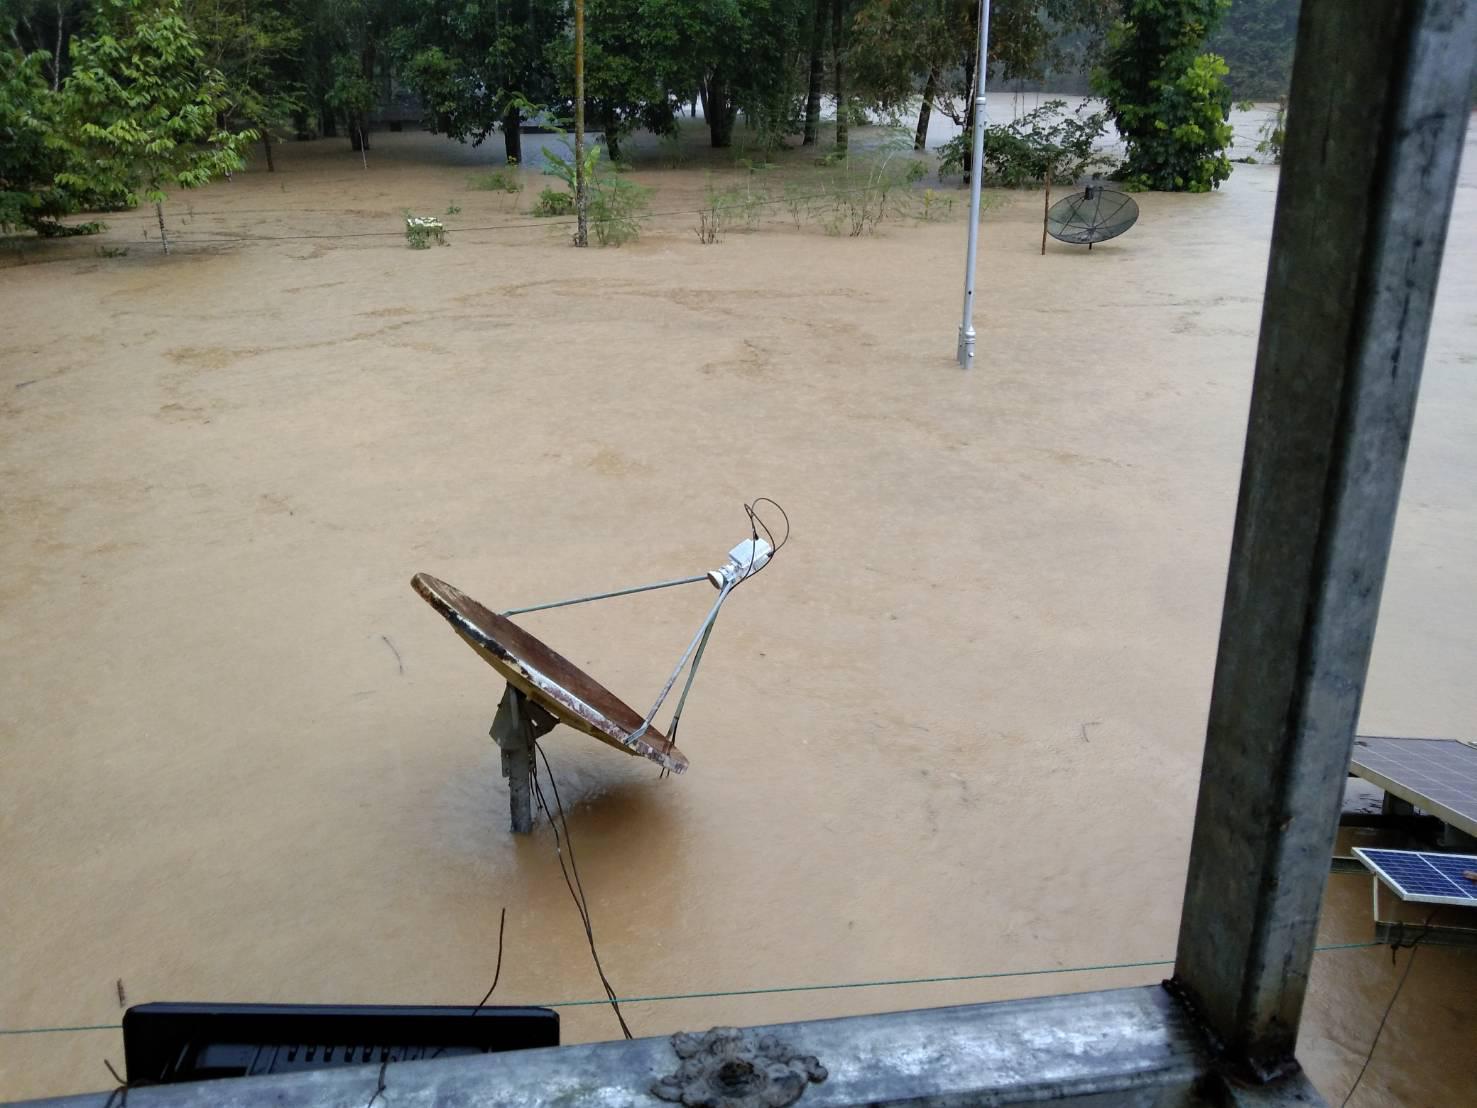 """นราธิวาส - ยะลา วิกฤต น้ำท่วมสูง """"ฮาลาบาลา"""" จม ตชด.เร่งช่วยประชาชน ชลประทาน ห่วงพื้นที่ลุ่มต่ำ"""